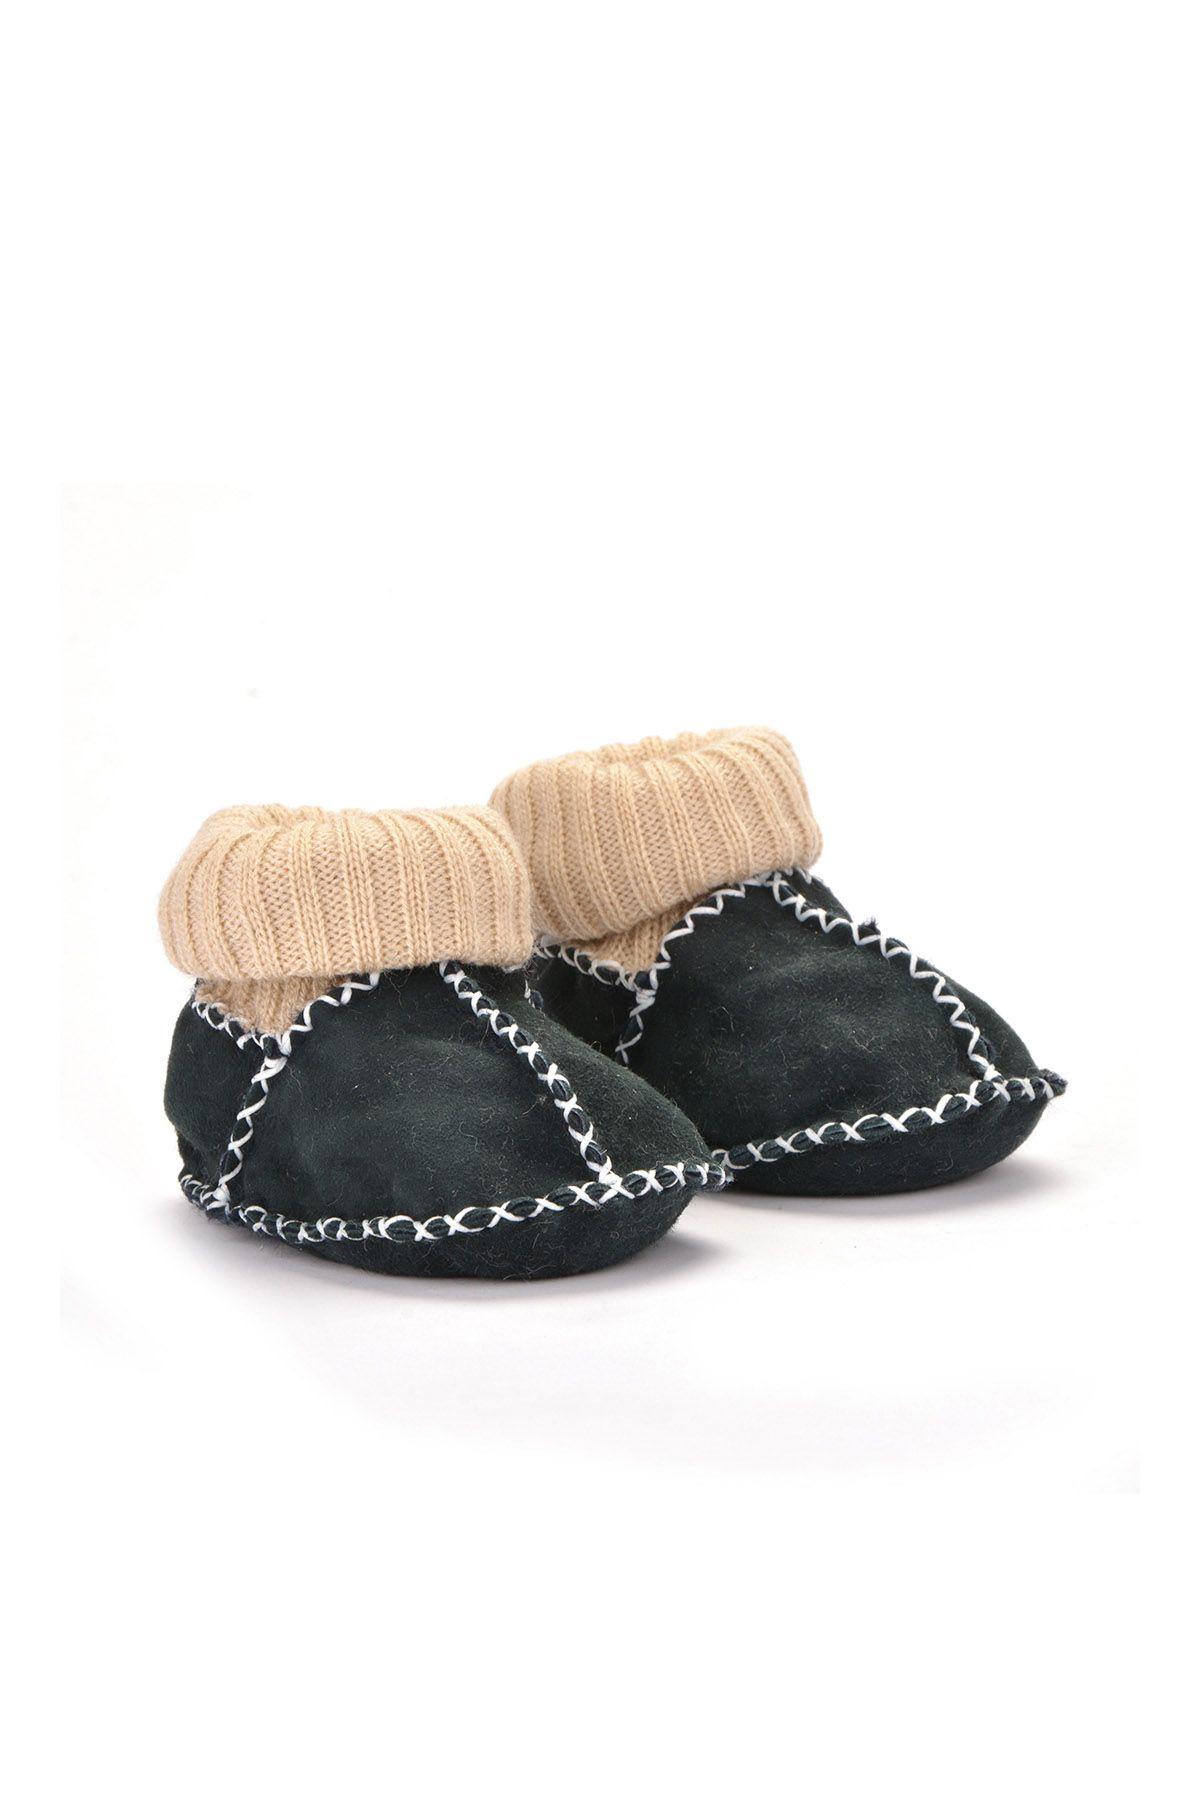 Pegia Hakiki Kürklü Çoraplı Bebek Patiği 141006 Koyu Yeşil